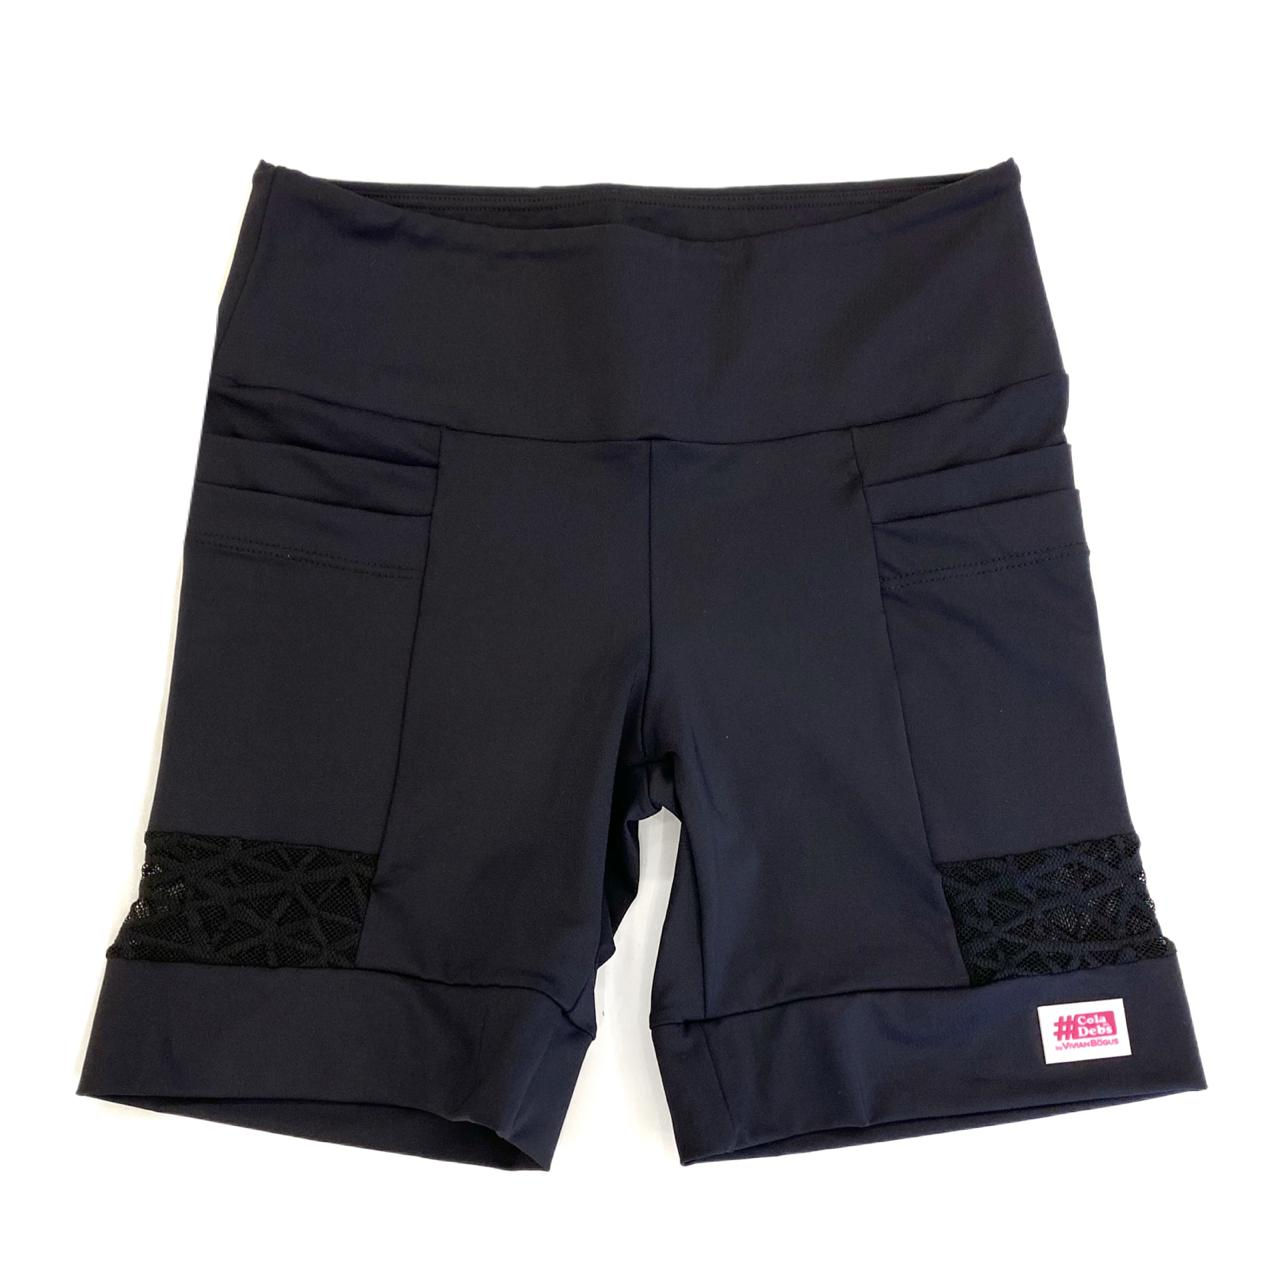 Bermuda 4 bolsos em sportiva preto e detalhe tule  - Vivian Bógus